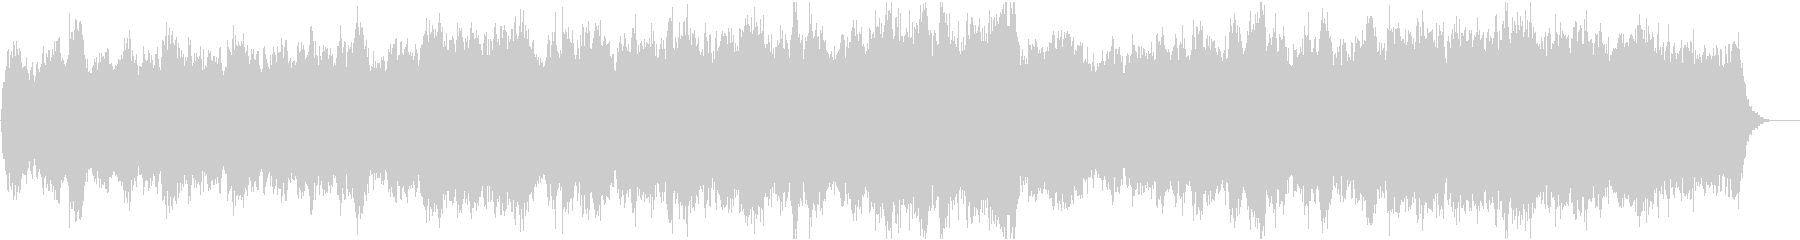 動画13 16bit48kHzVerの未再生の波形